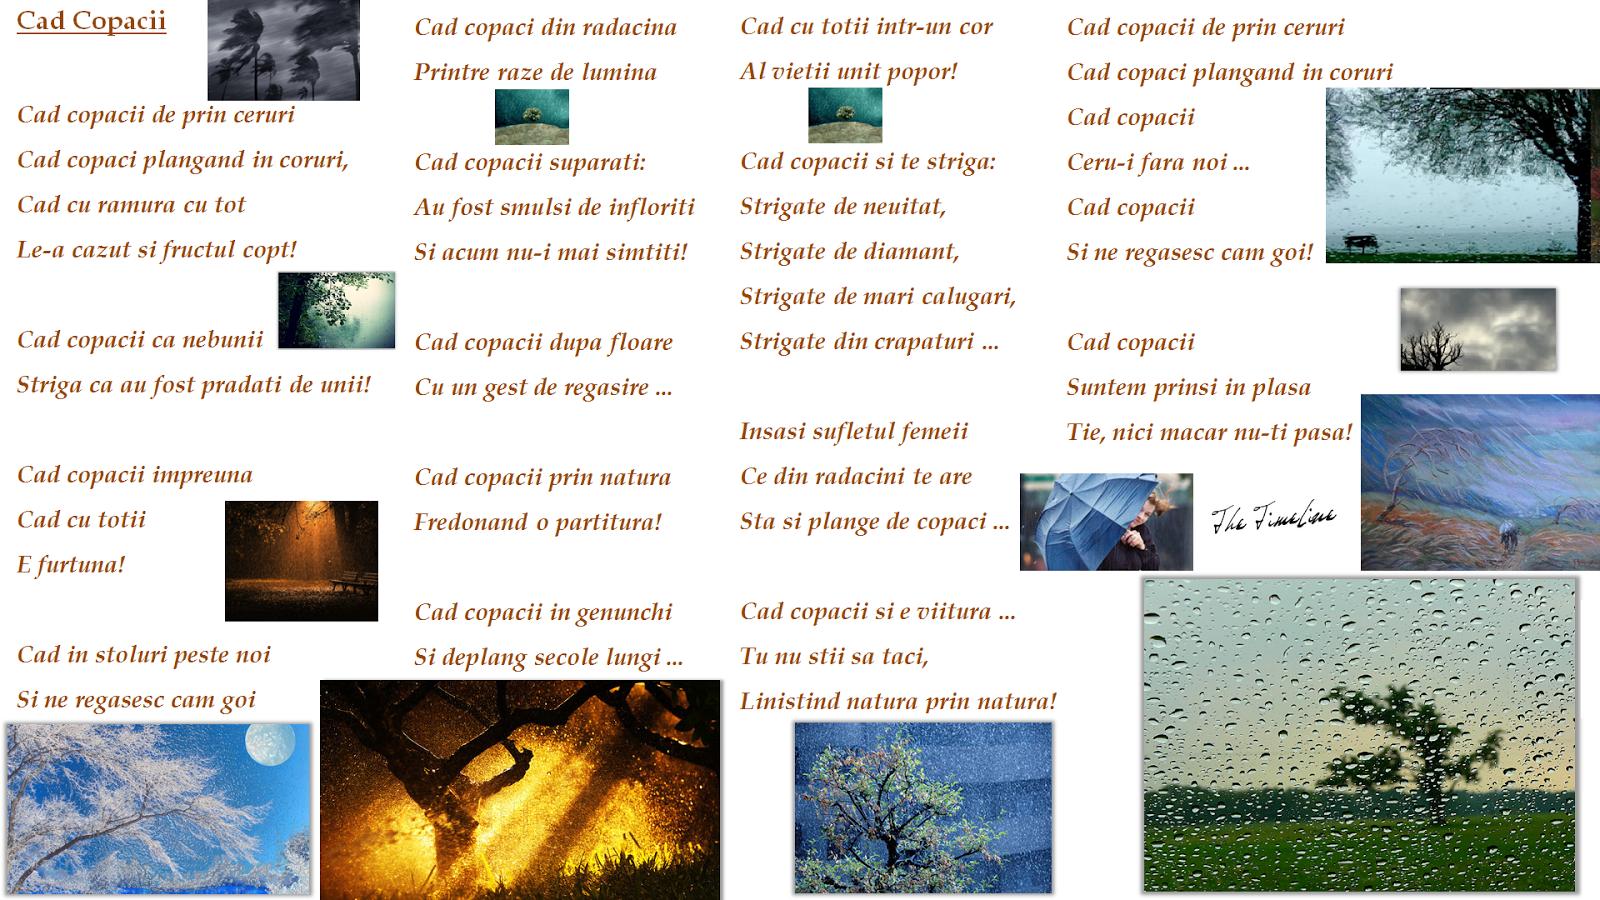 Cad Copacii poezie poetry filozofie existentiala umanitate lume simtire